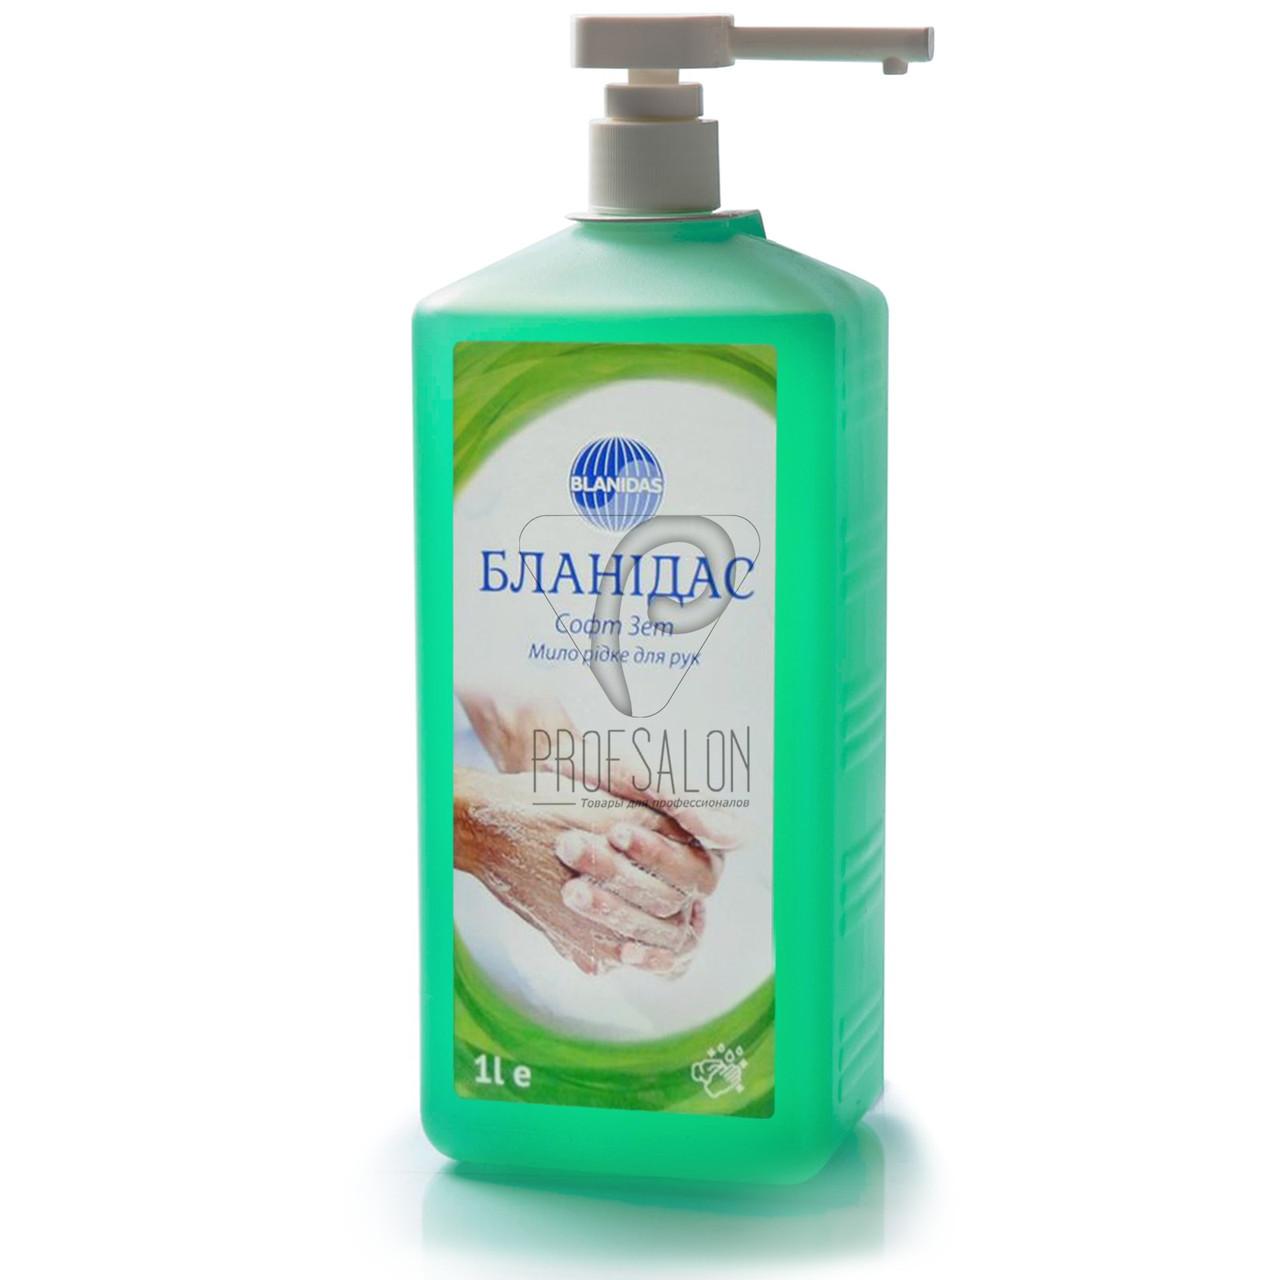 Жидкое мыло Бланидас Софт Зет 1л, профессиональное, для гигиеничесской дезинфекции рук и кожи